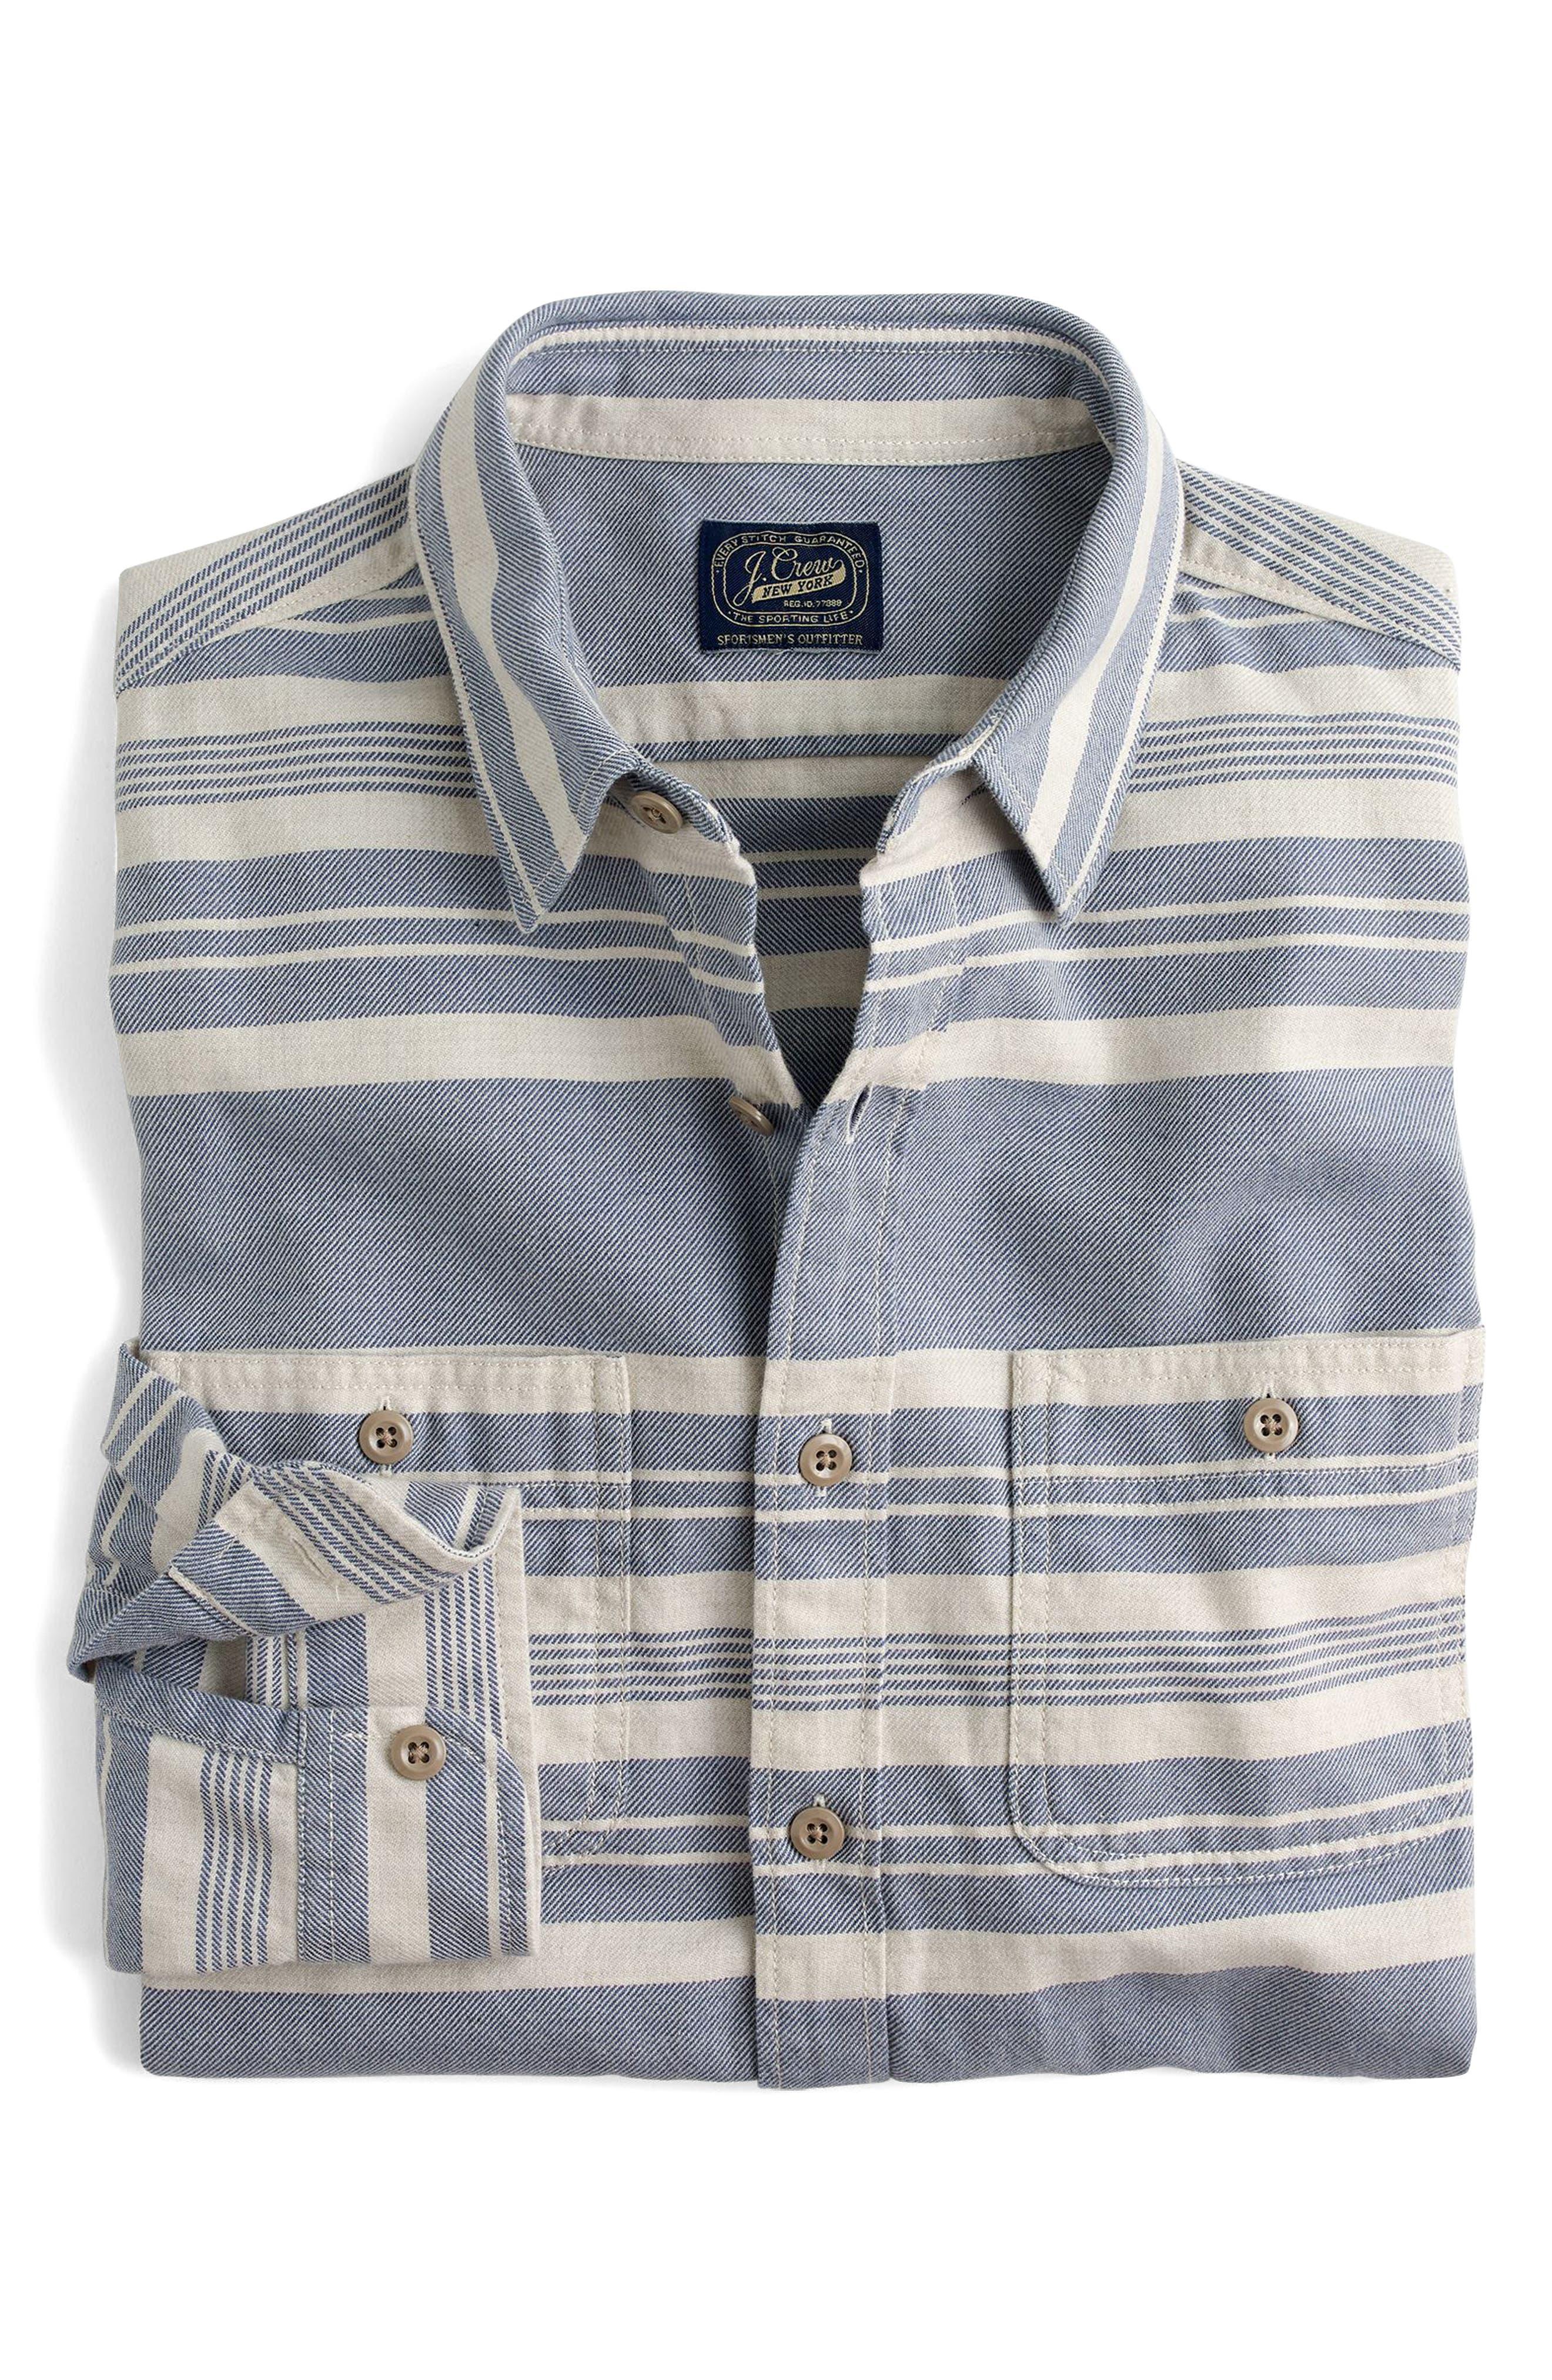 J.Crew Multistripe Flannel Work Shirt,                             Main thumbnail 1, color,                             Concrete Sea